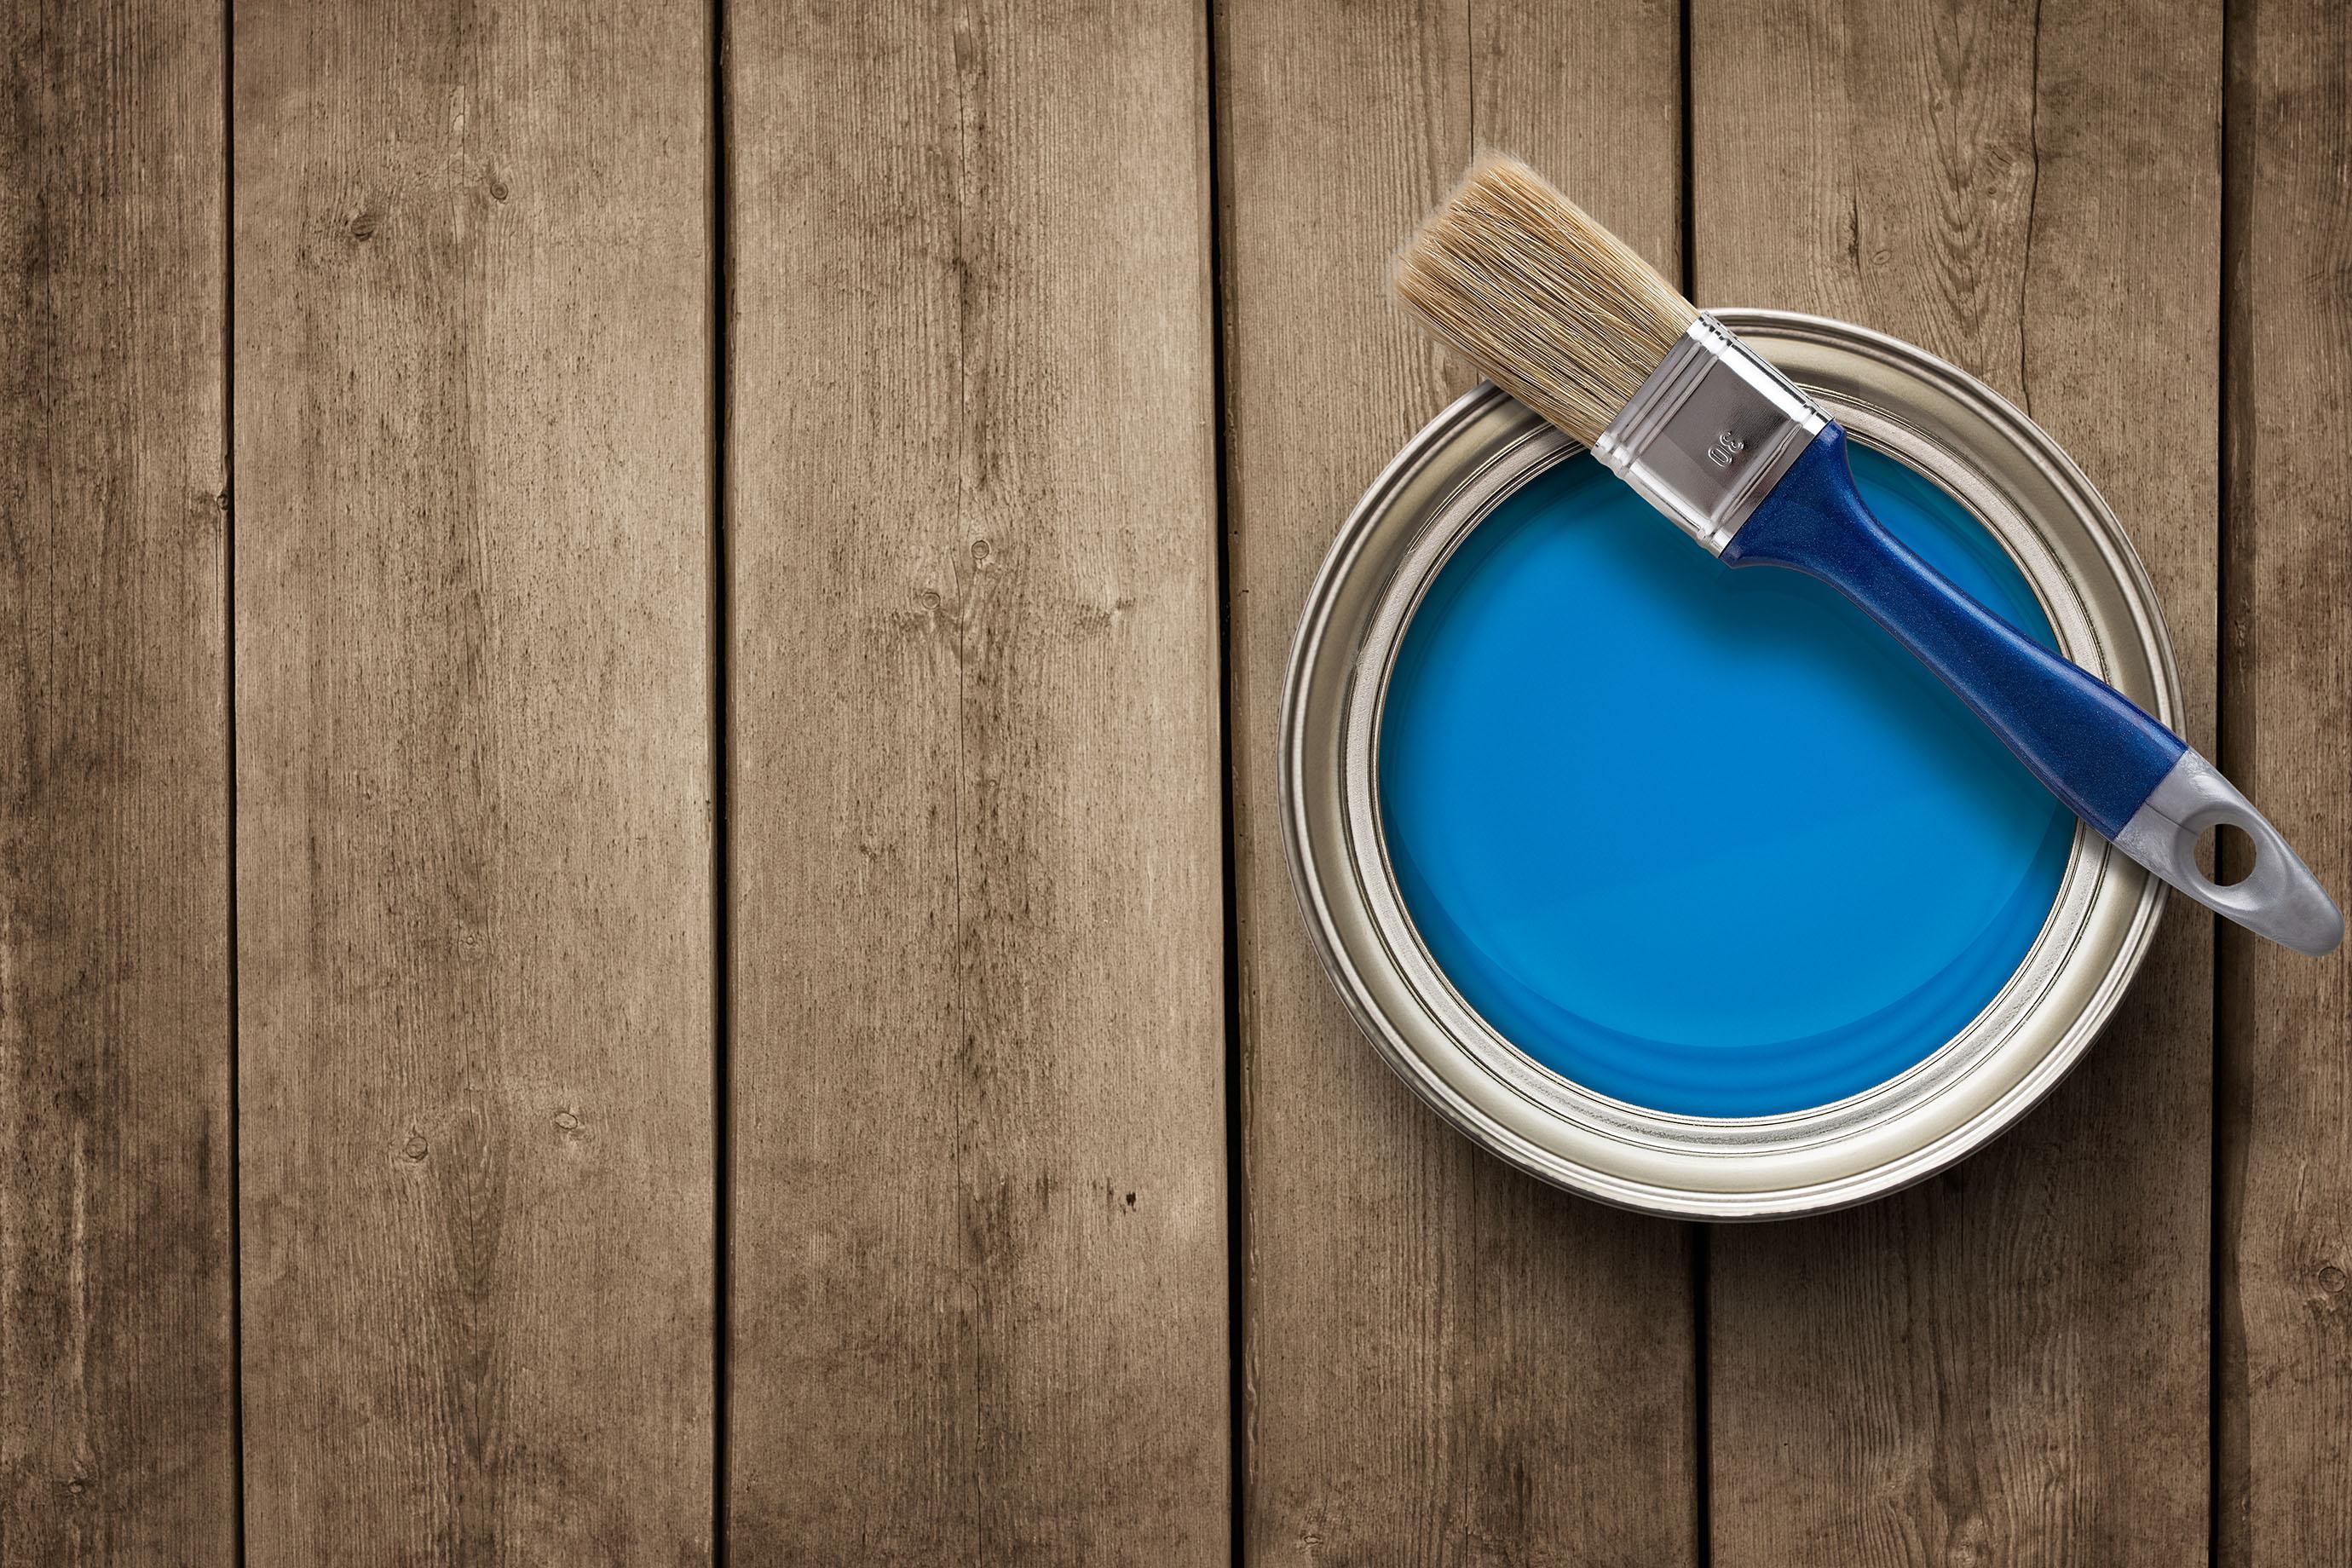 PorchLight Real Estate Paint Your Deck